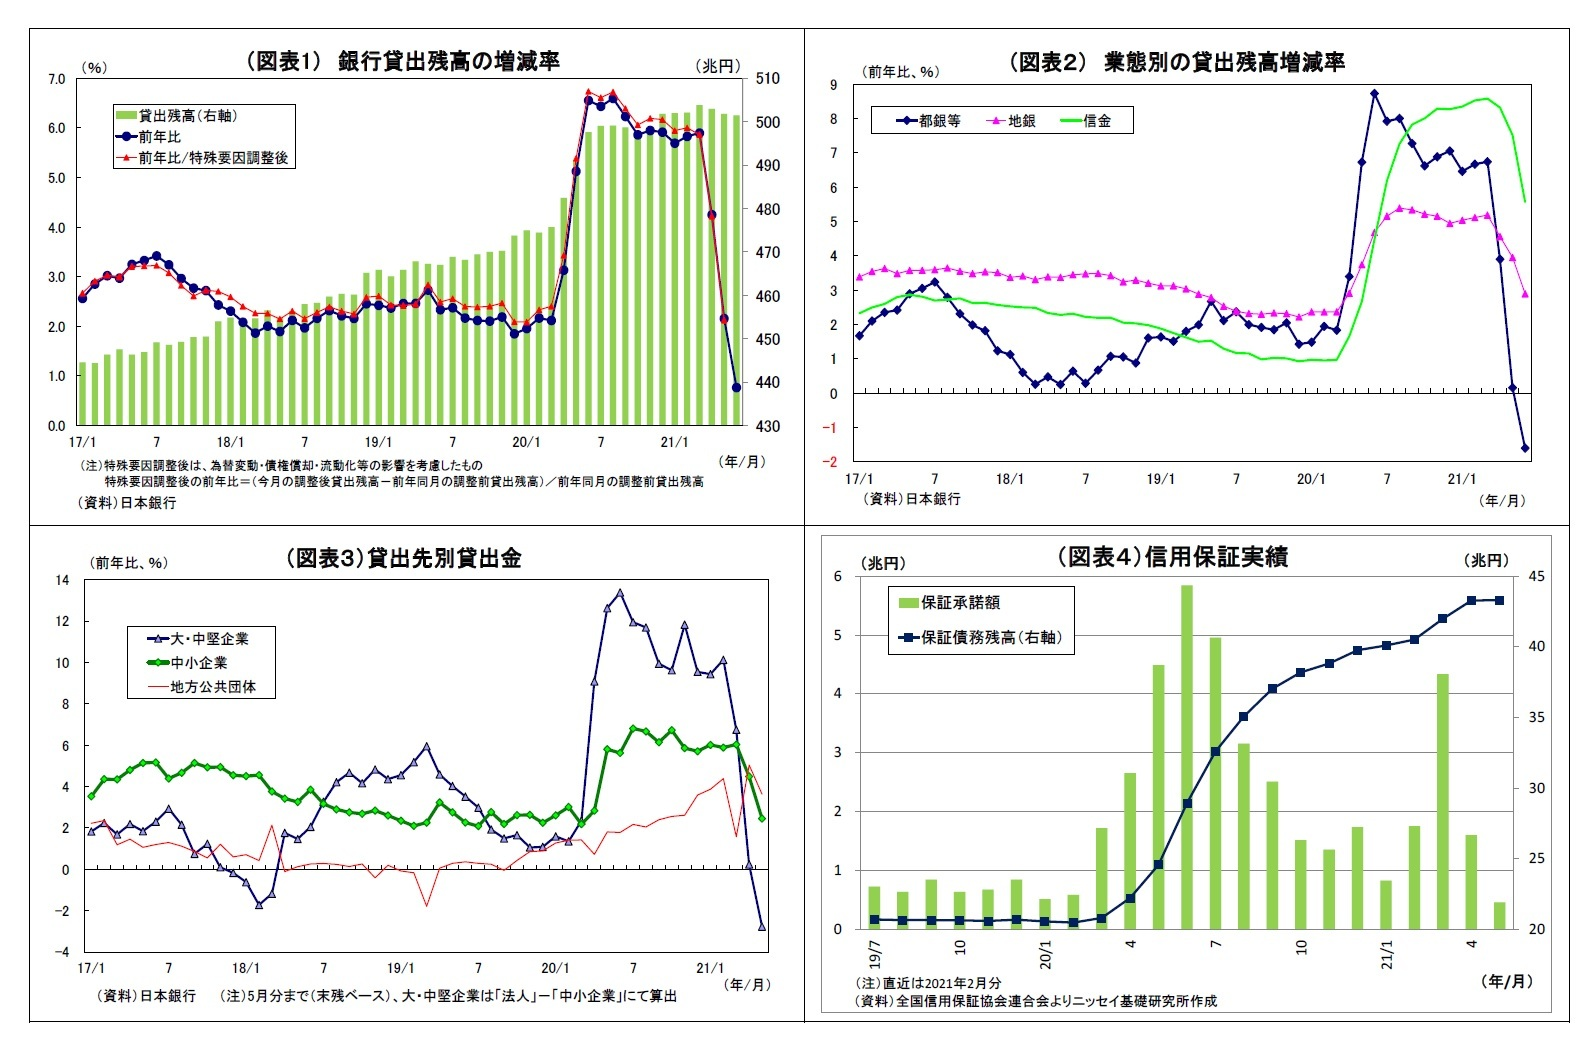 (図表1) 銀行貸出残高の増減率/(図表2) 業態別の貸出残高増減率/(図表3)貸出先別貸出金/(図表4)信用保証実績